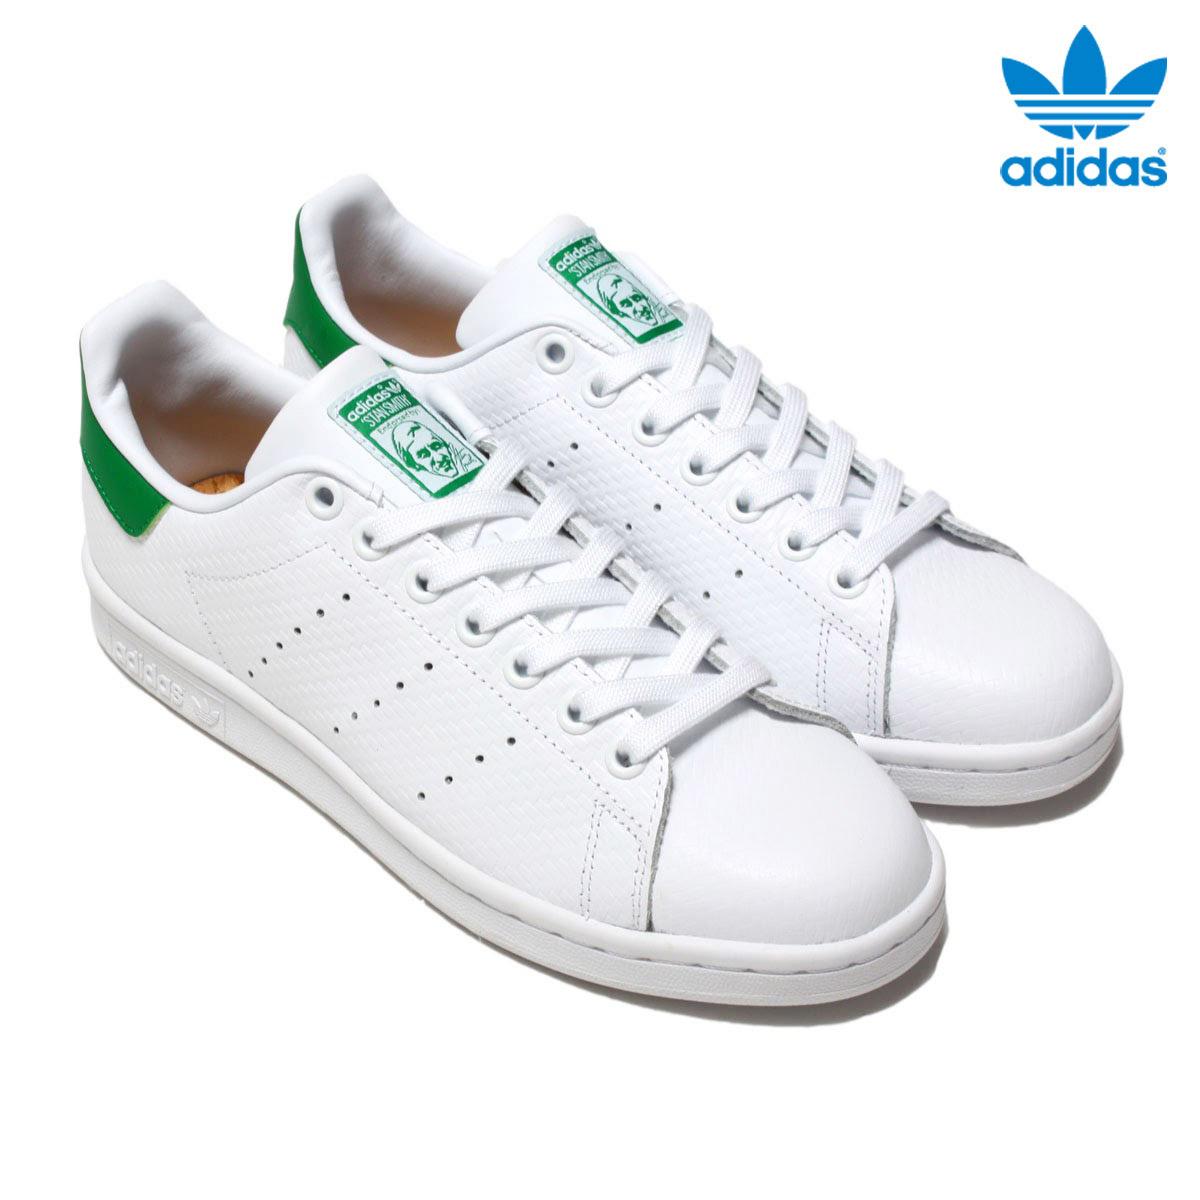 adidas Originals STAN SMITH (adidas originals Stan Smith) (Running WhiteRunning WhiteGreen) 16 FW I